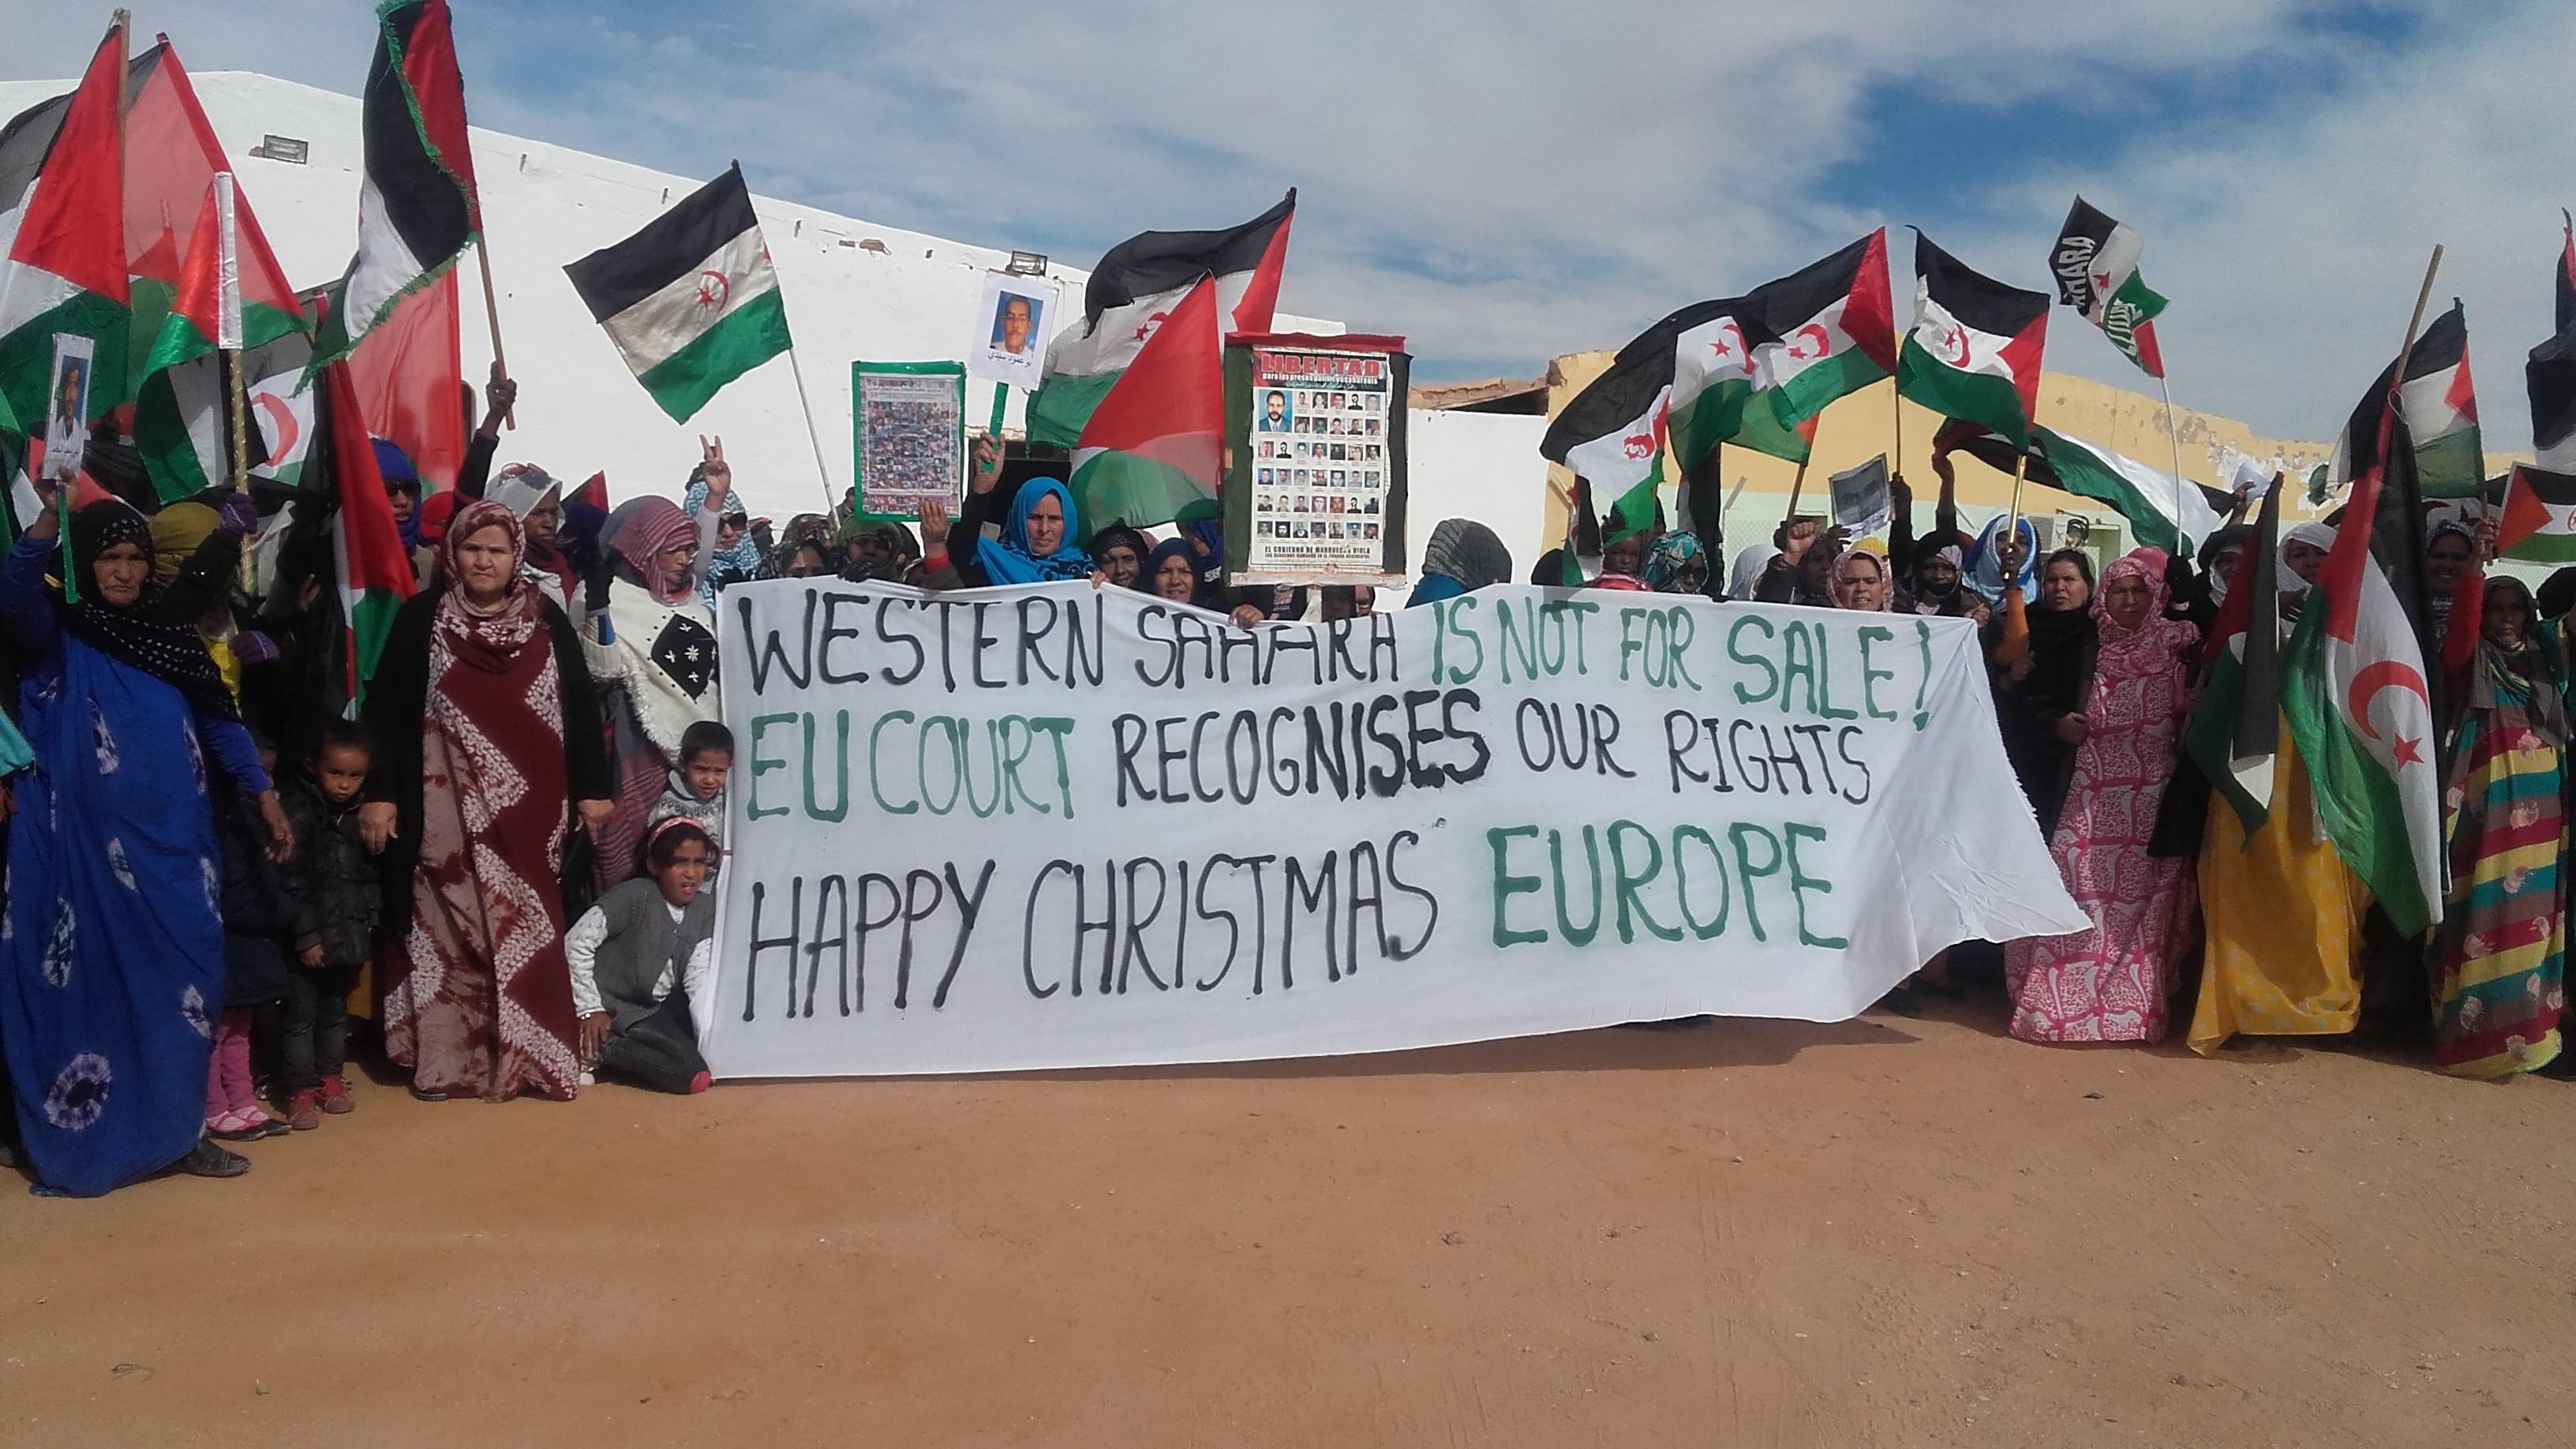 Es stehen eine Menge von Sahraouis in der Wüste im Halbkreis. Einige halten ein Transparent: Die Westsahara steht nicht zum Verkauf. Das EU-Gericht anerkennt unsere Rechte. Fröhliche Weihnachten Europa.